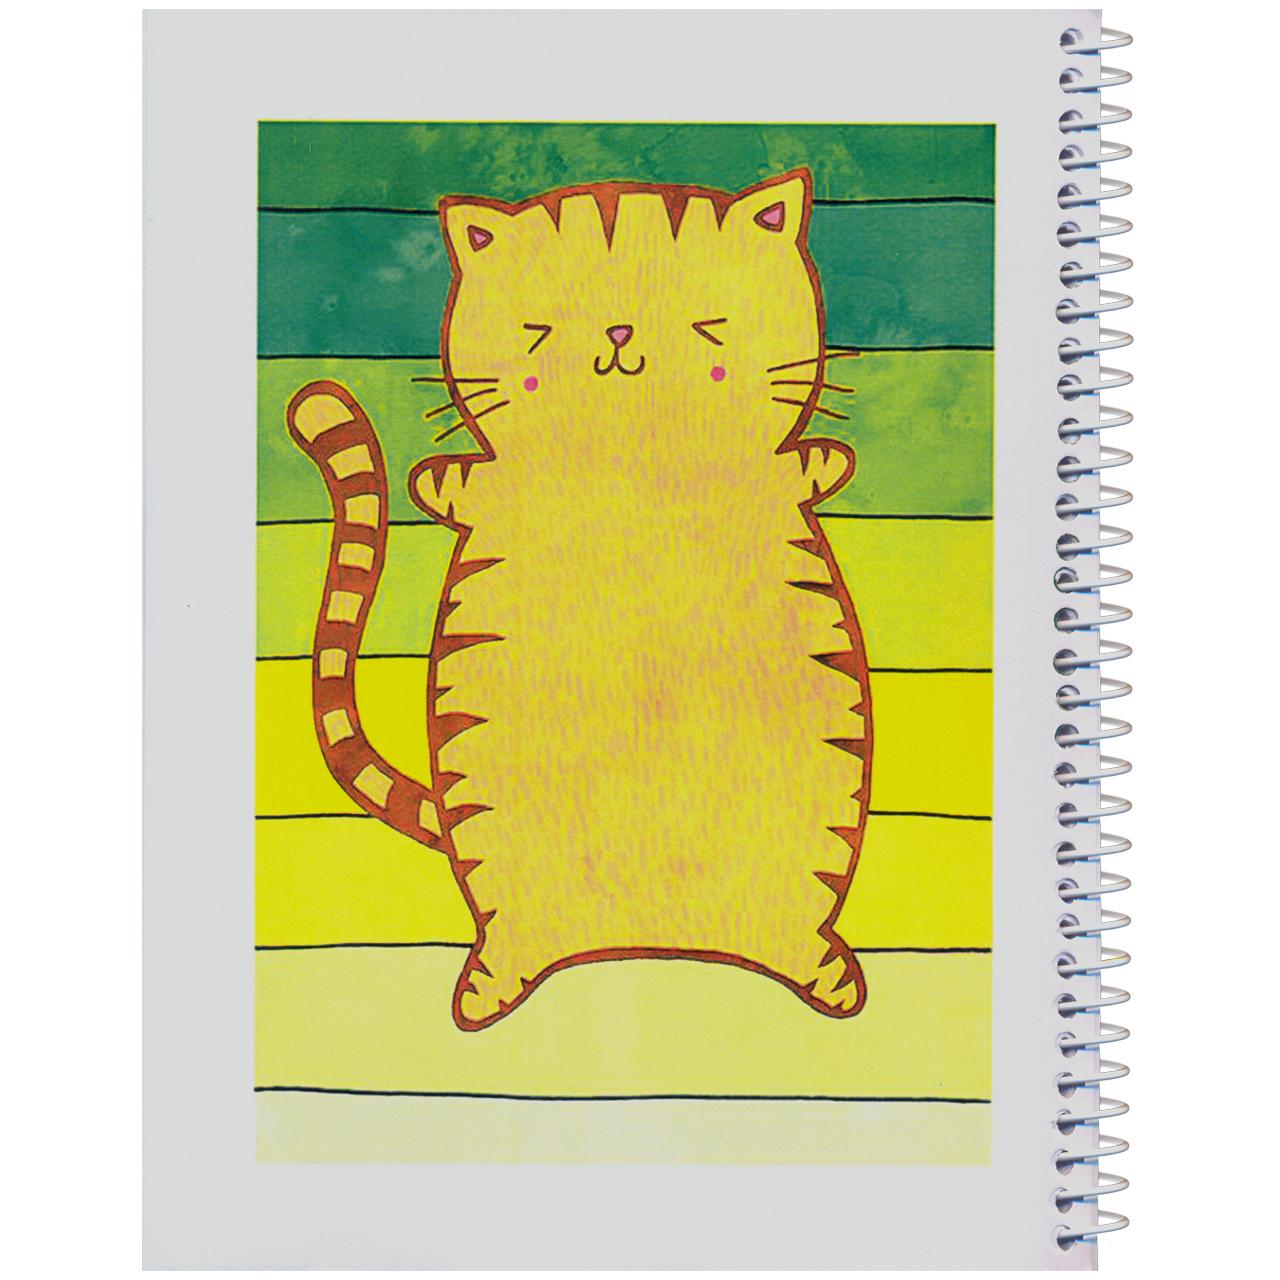 دفتر مشق مدل کژوال طرح گربه ی ناقلا